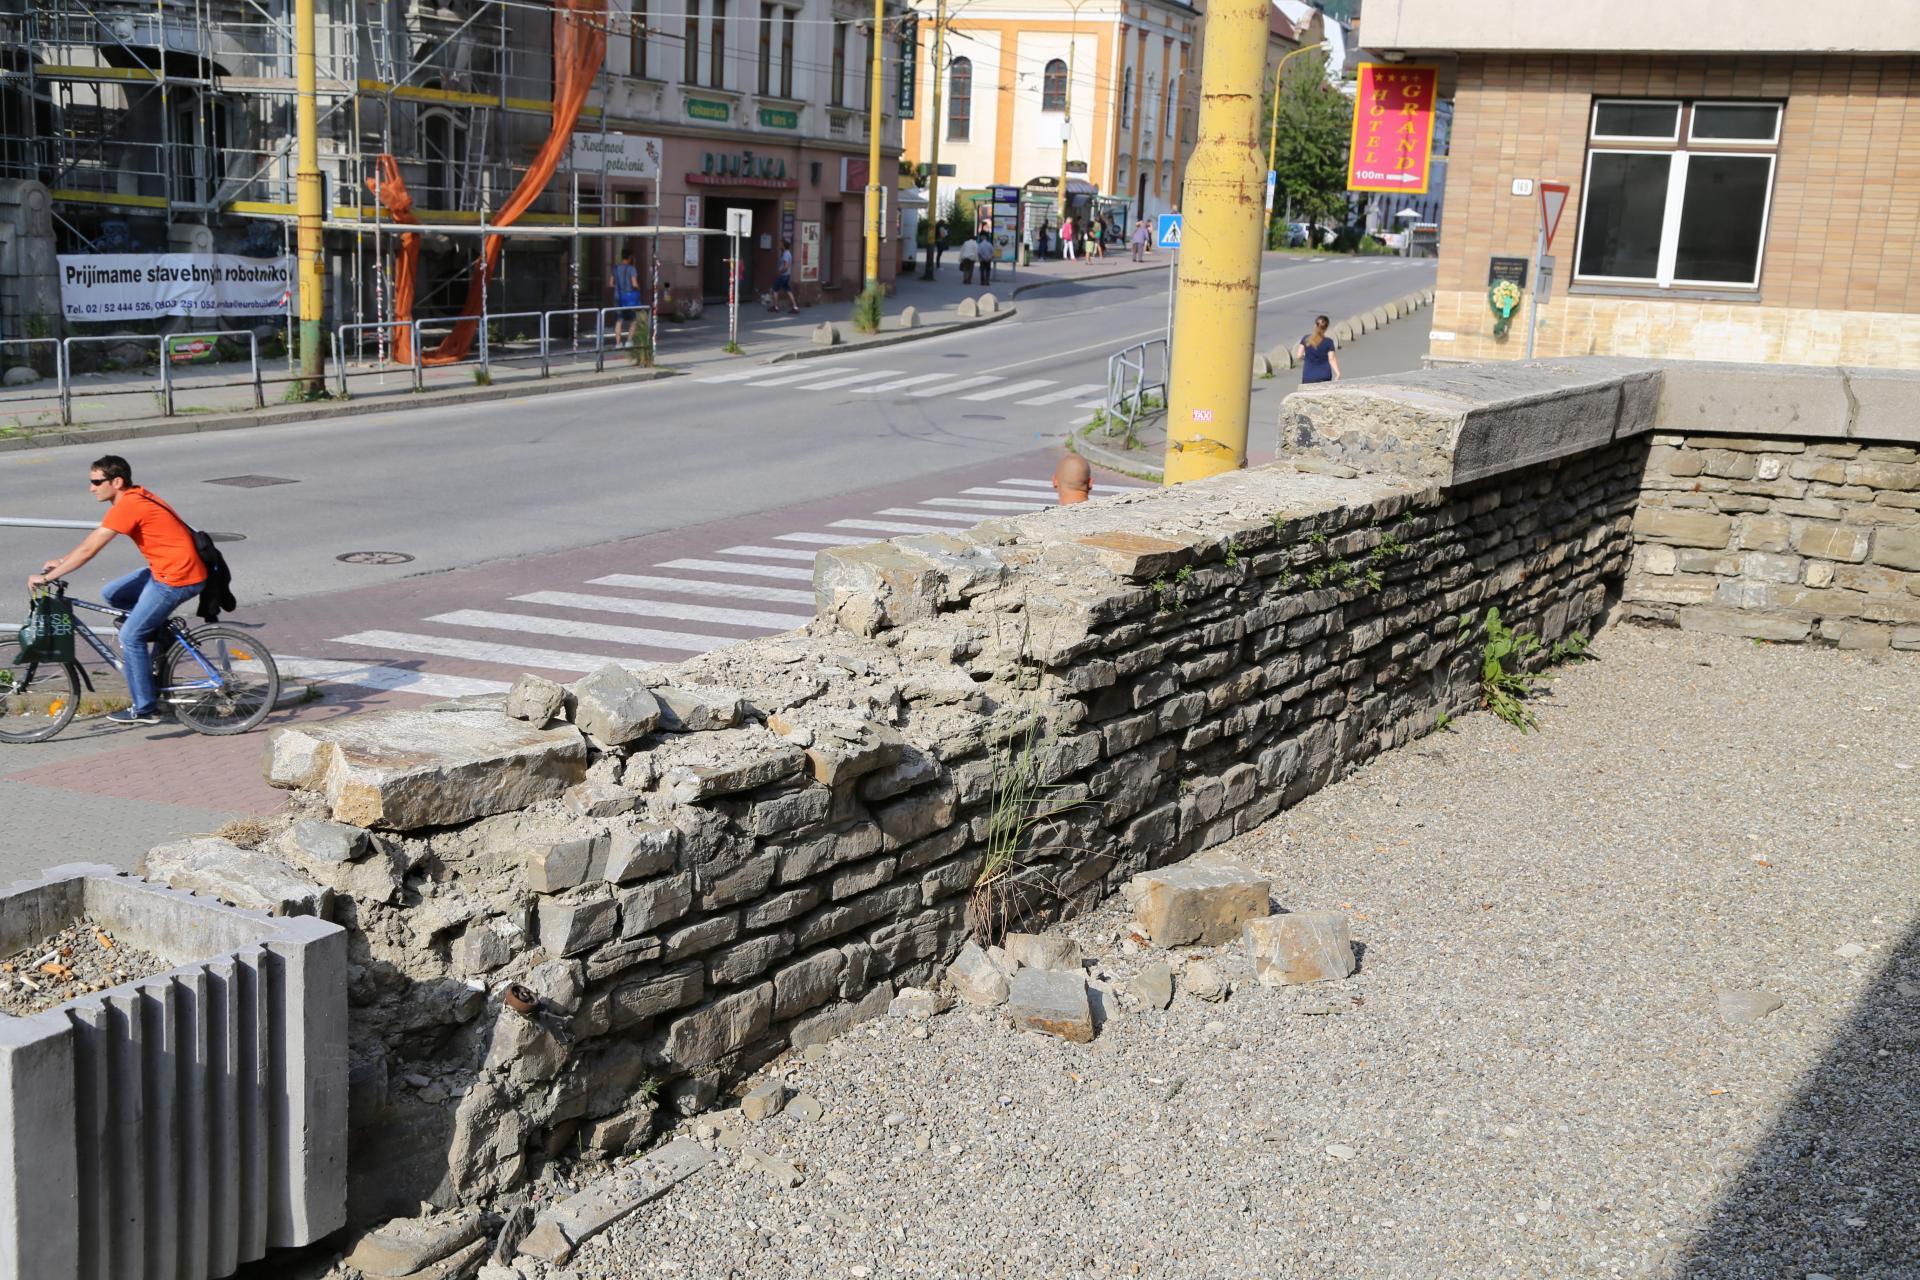 Synagóga v Žiline, kamenný múr - stav pred reštaurovaním